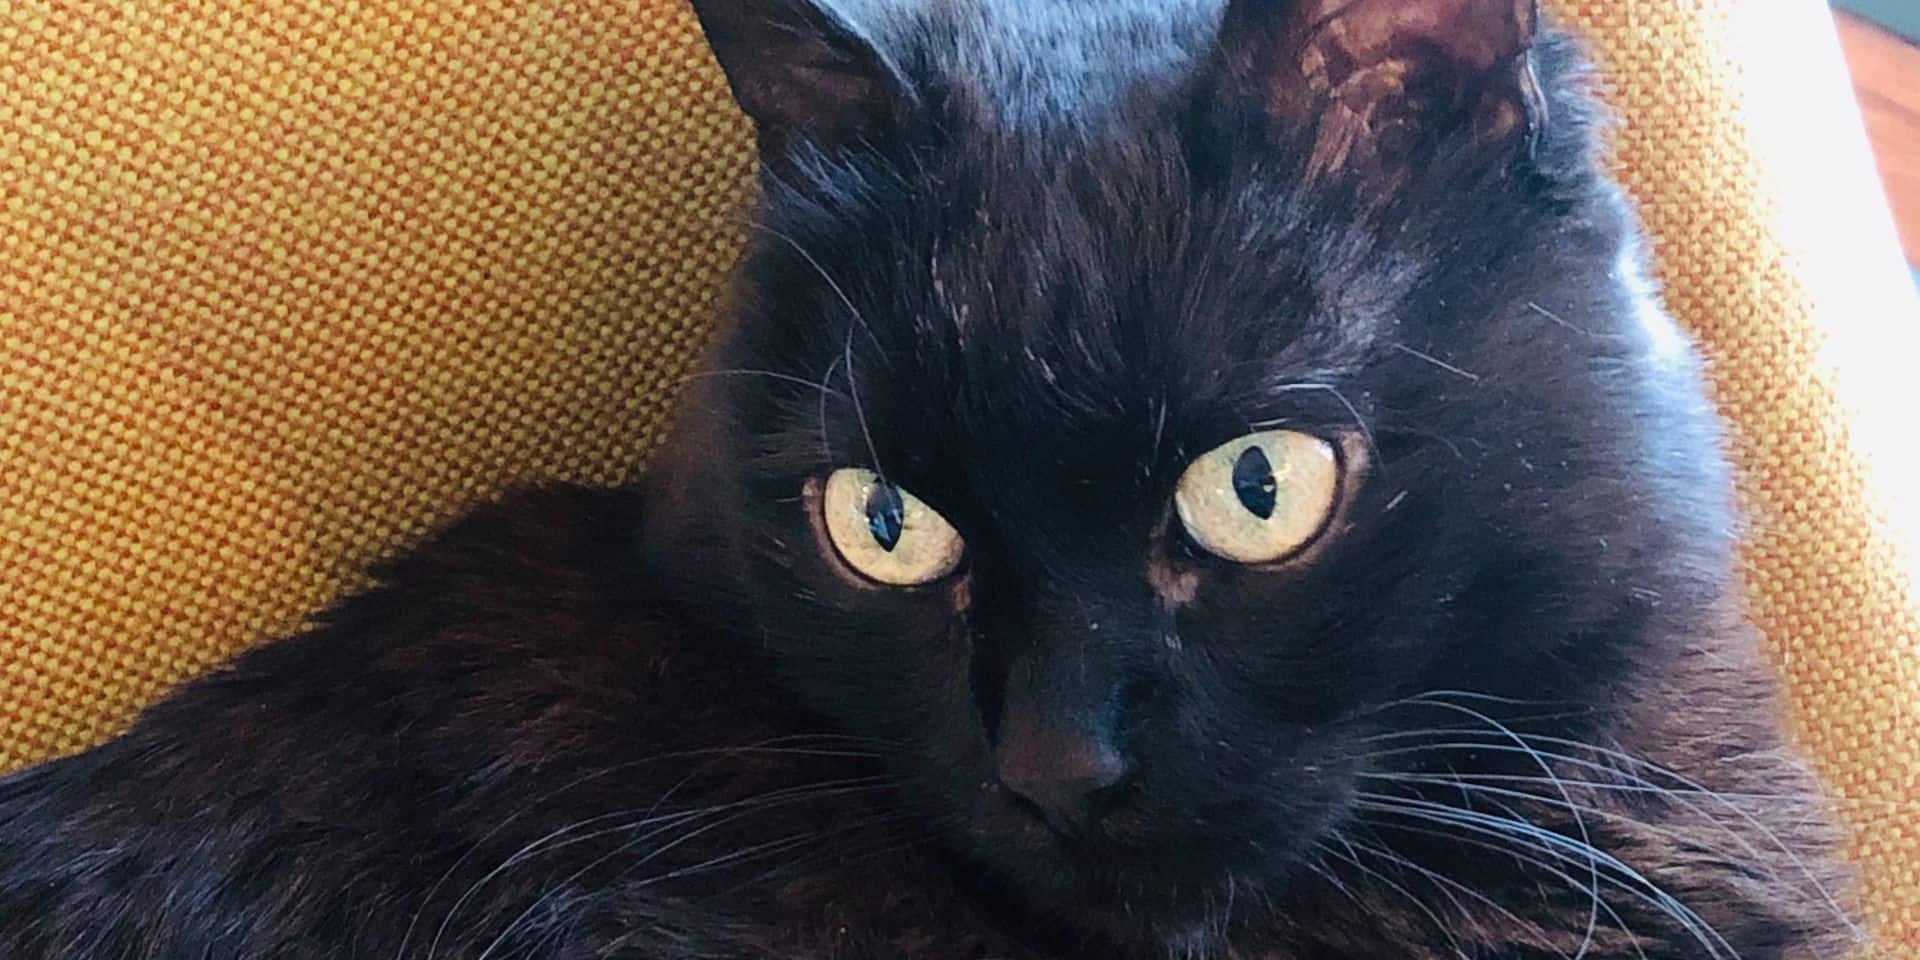 """Un vétérinaire inquiet après un cas de Covid-19 sur un chat: """"On nous demande déjà d'euthanasier les animaux !"""""""